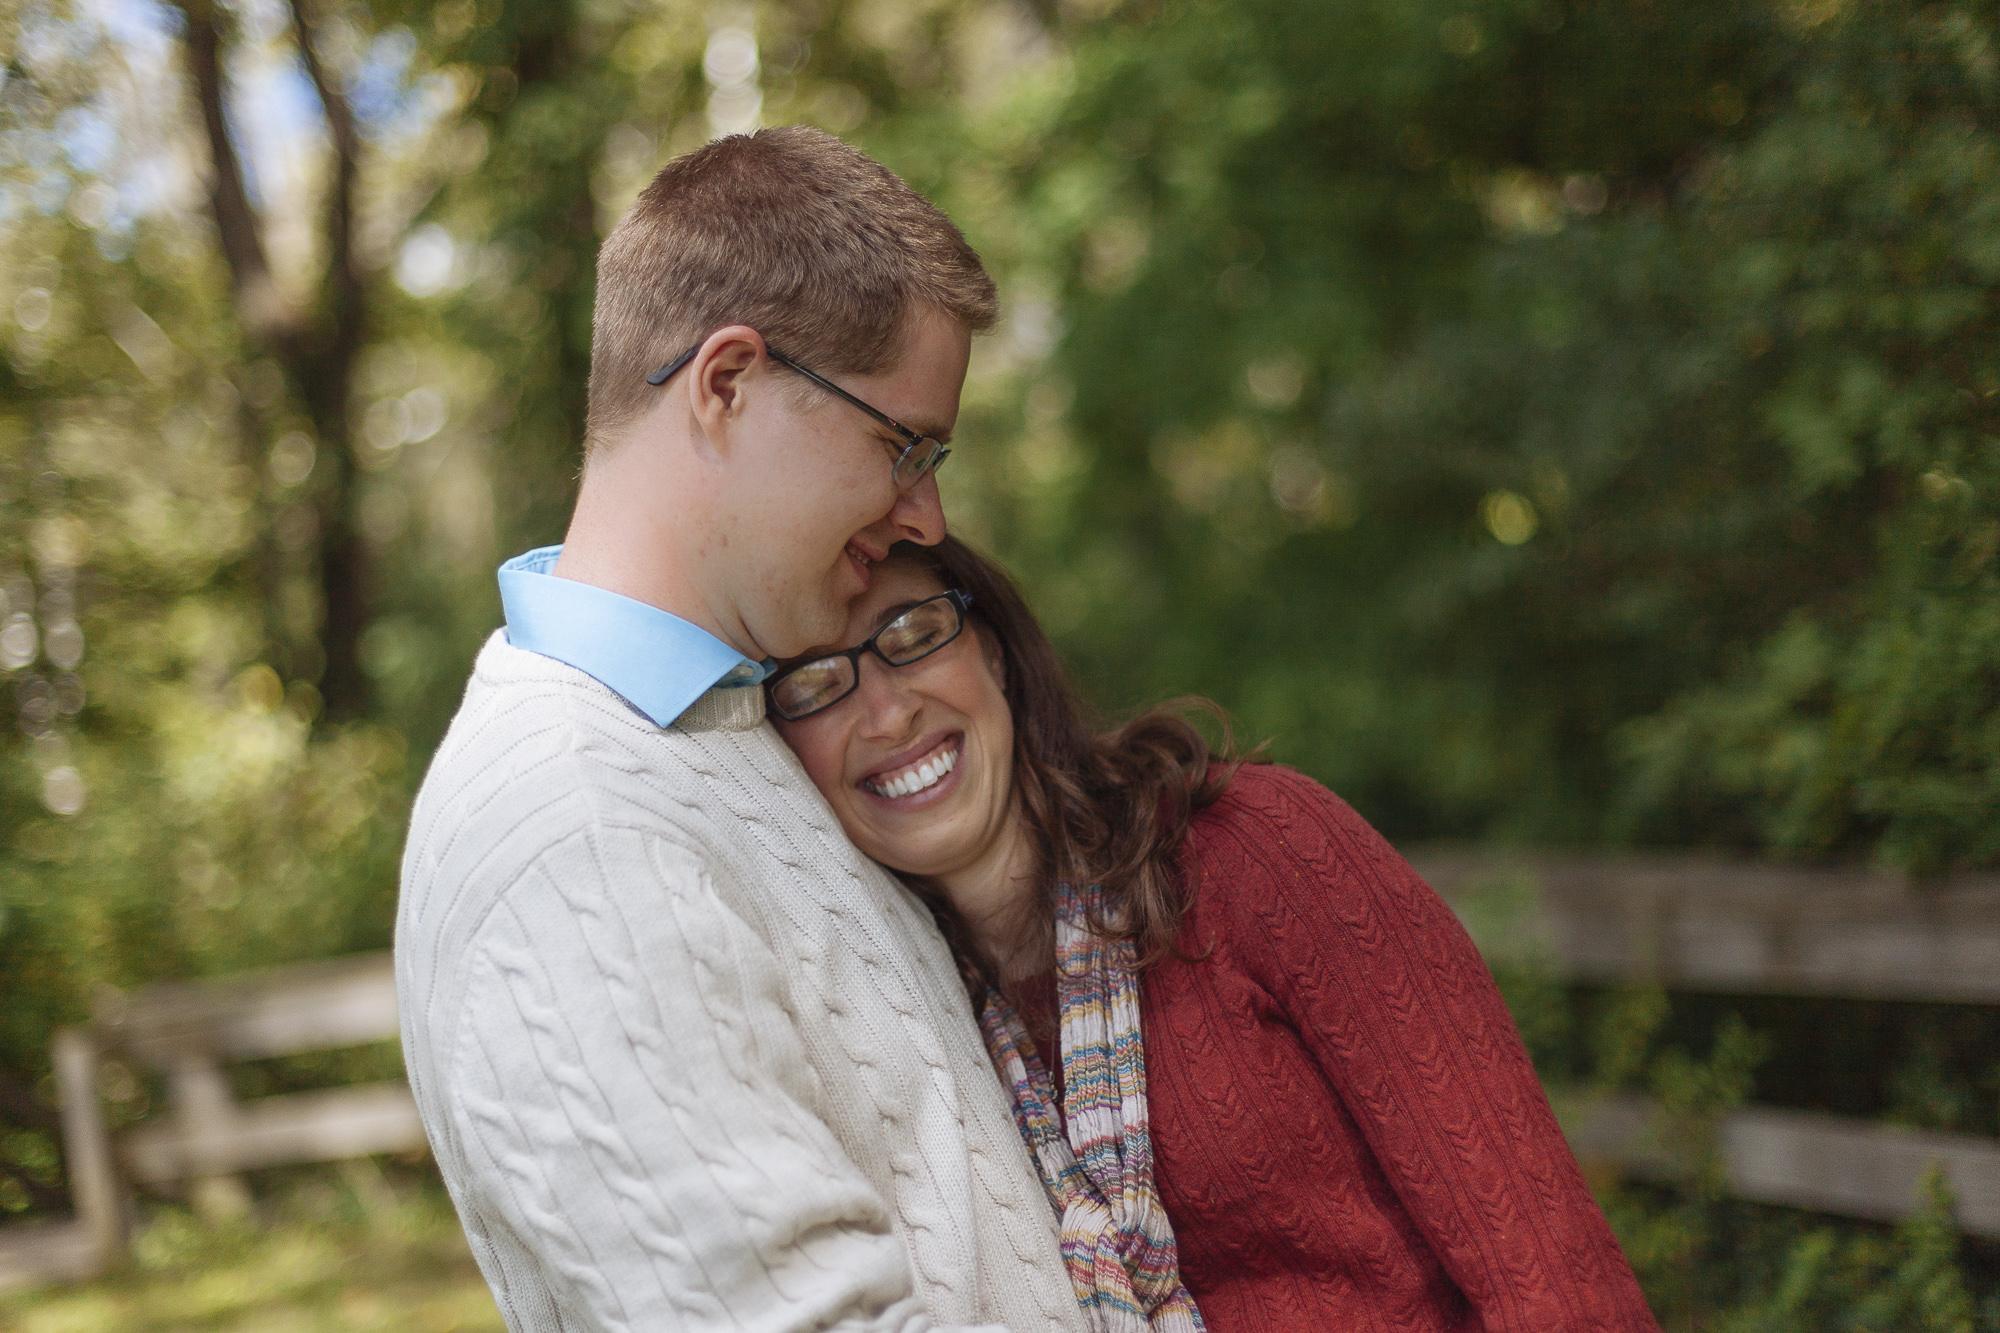 warm-embrace-park-couple.jpg